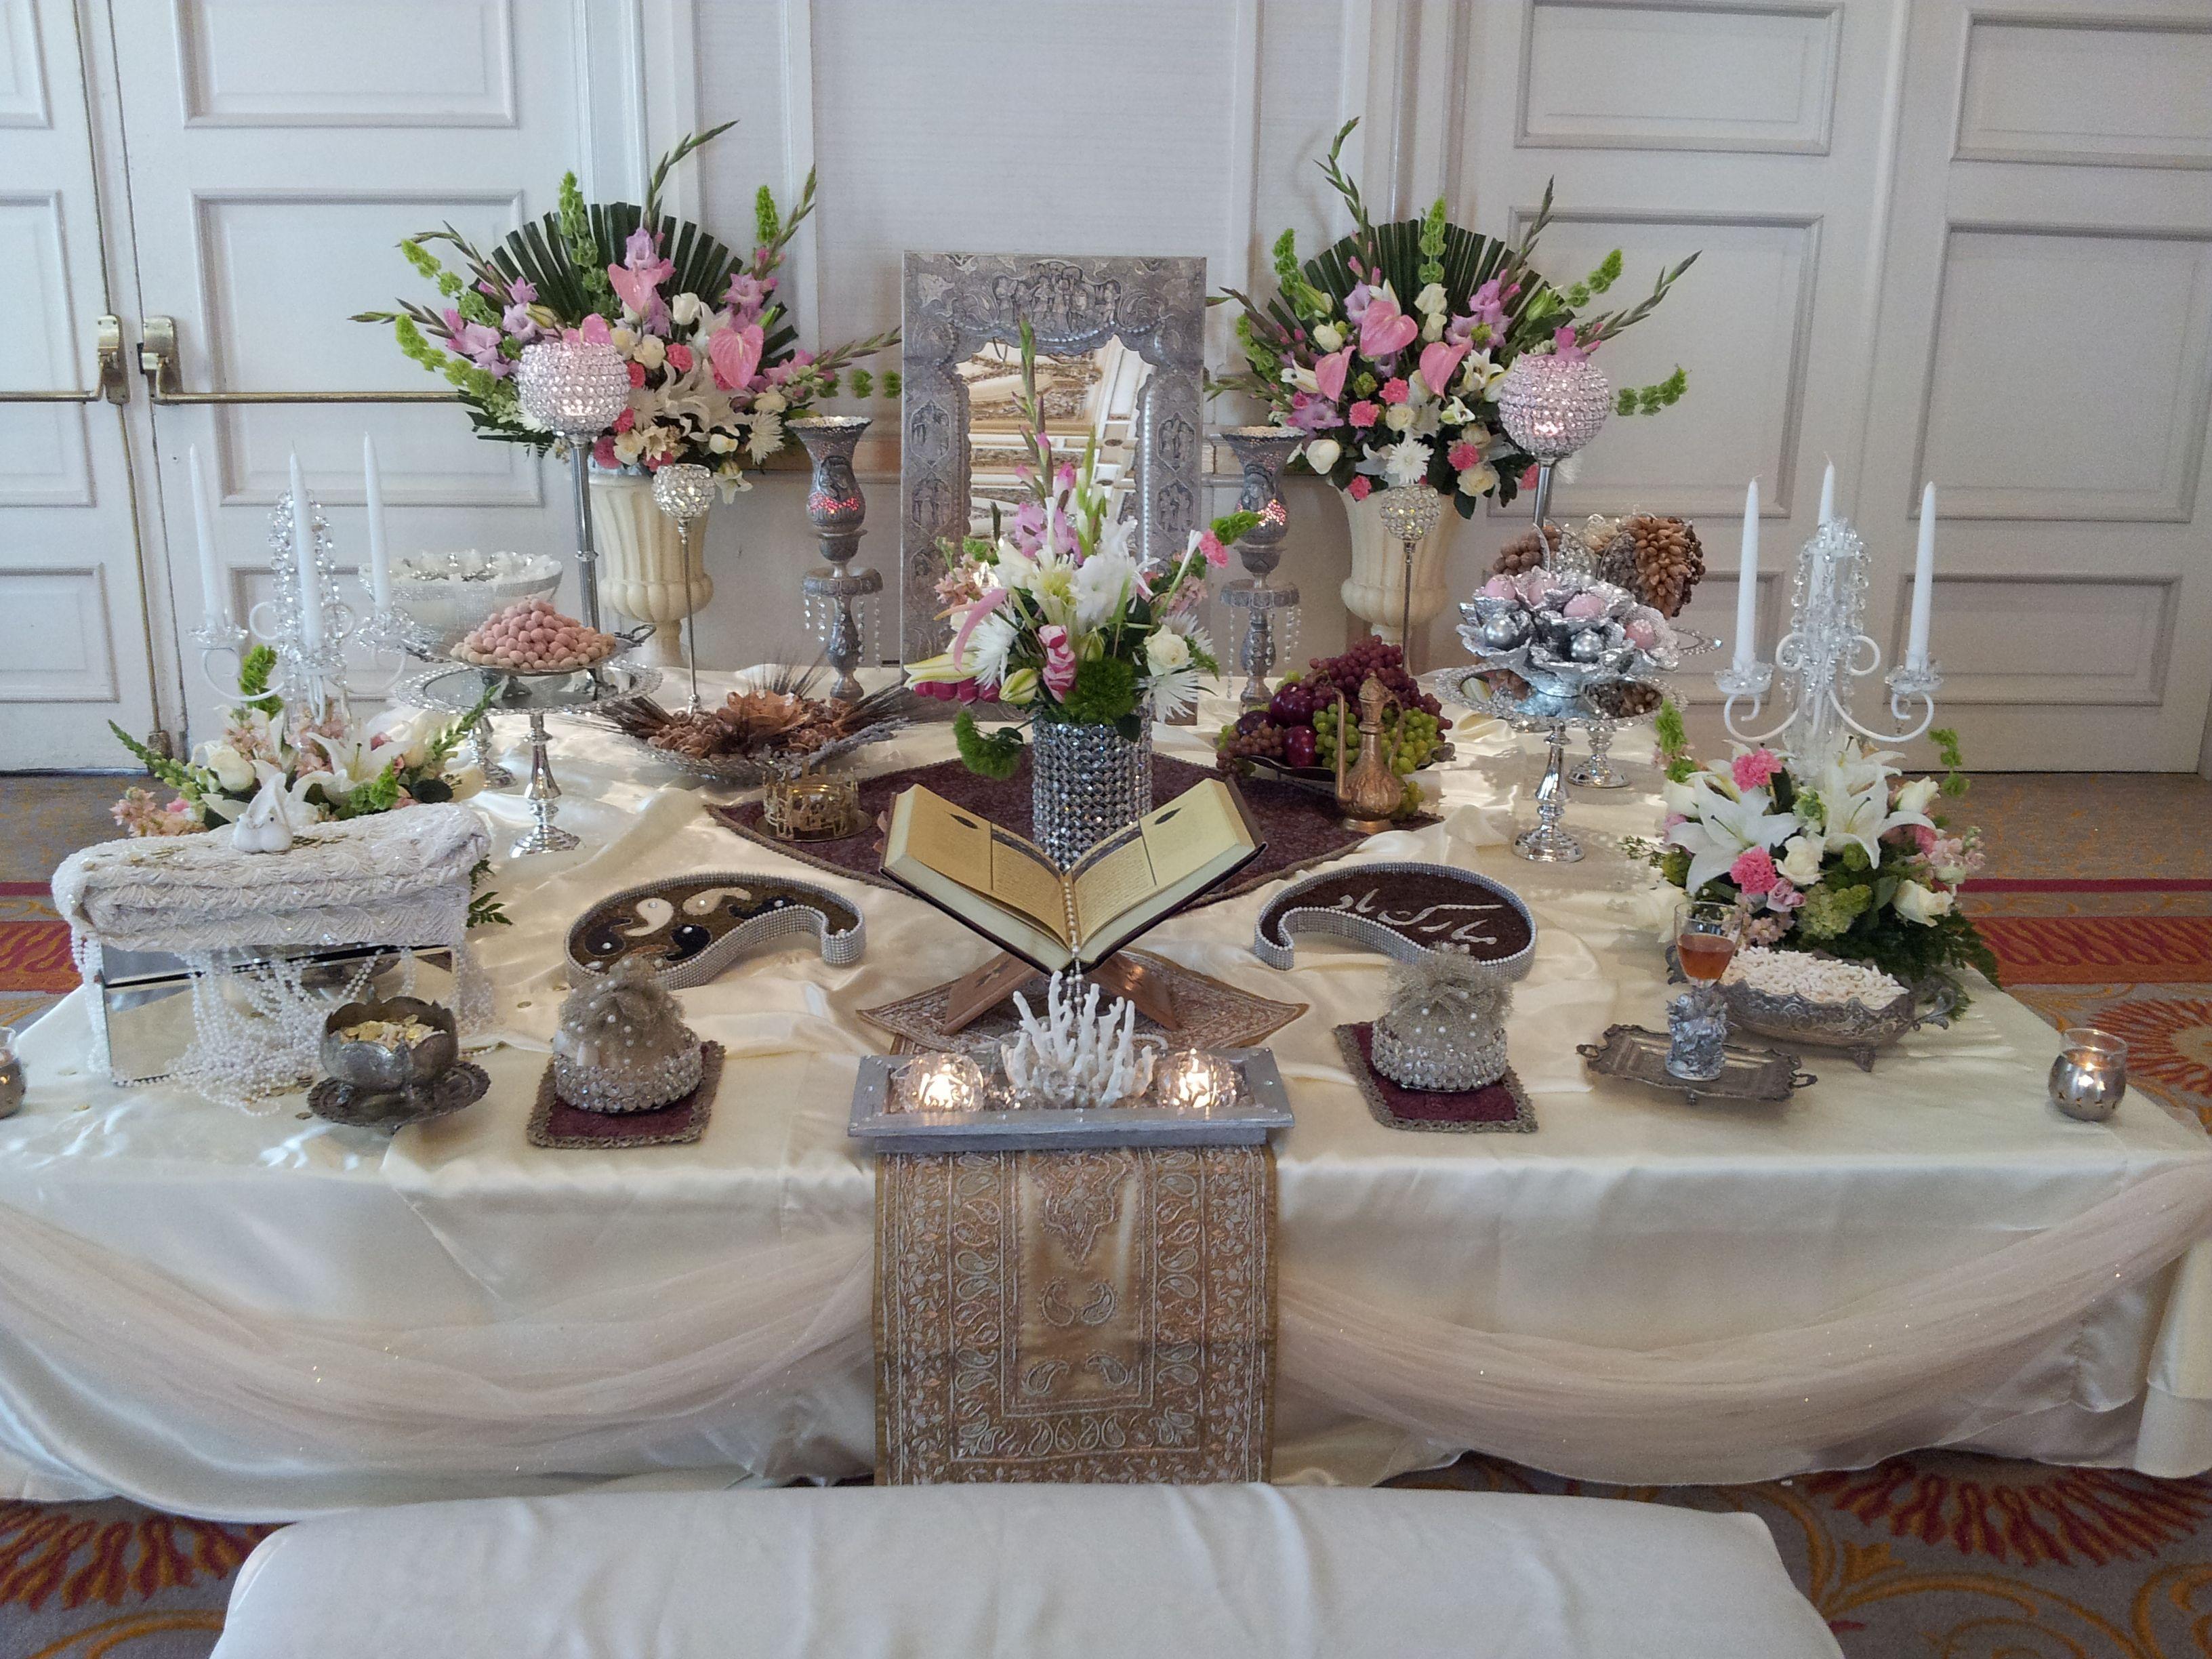 palace hotel sofreh aghd farzaneh 510 290 5687 persian wedding palace hotel